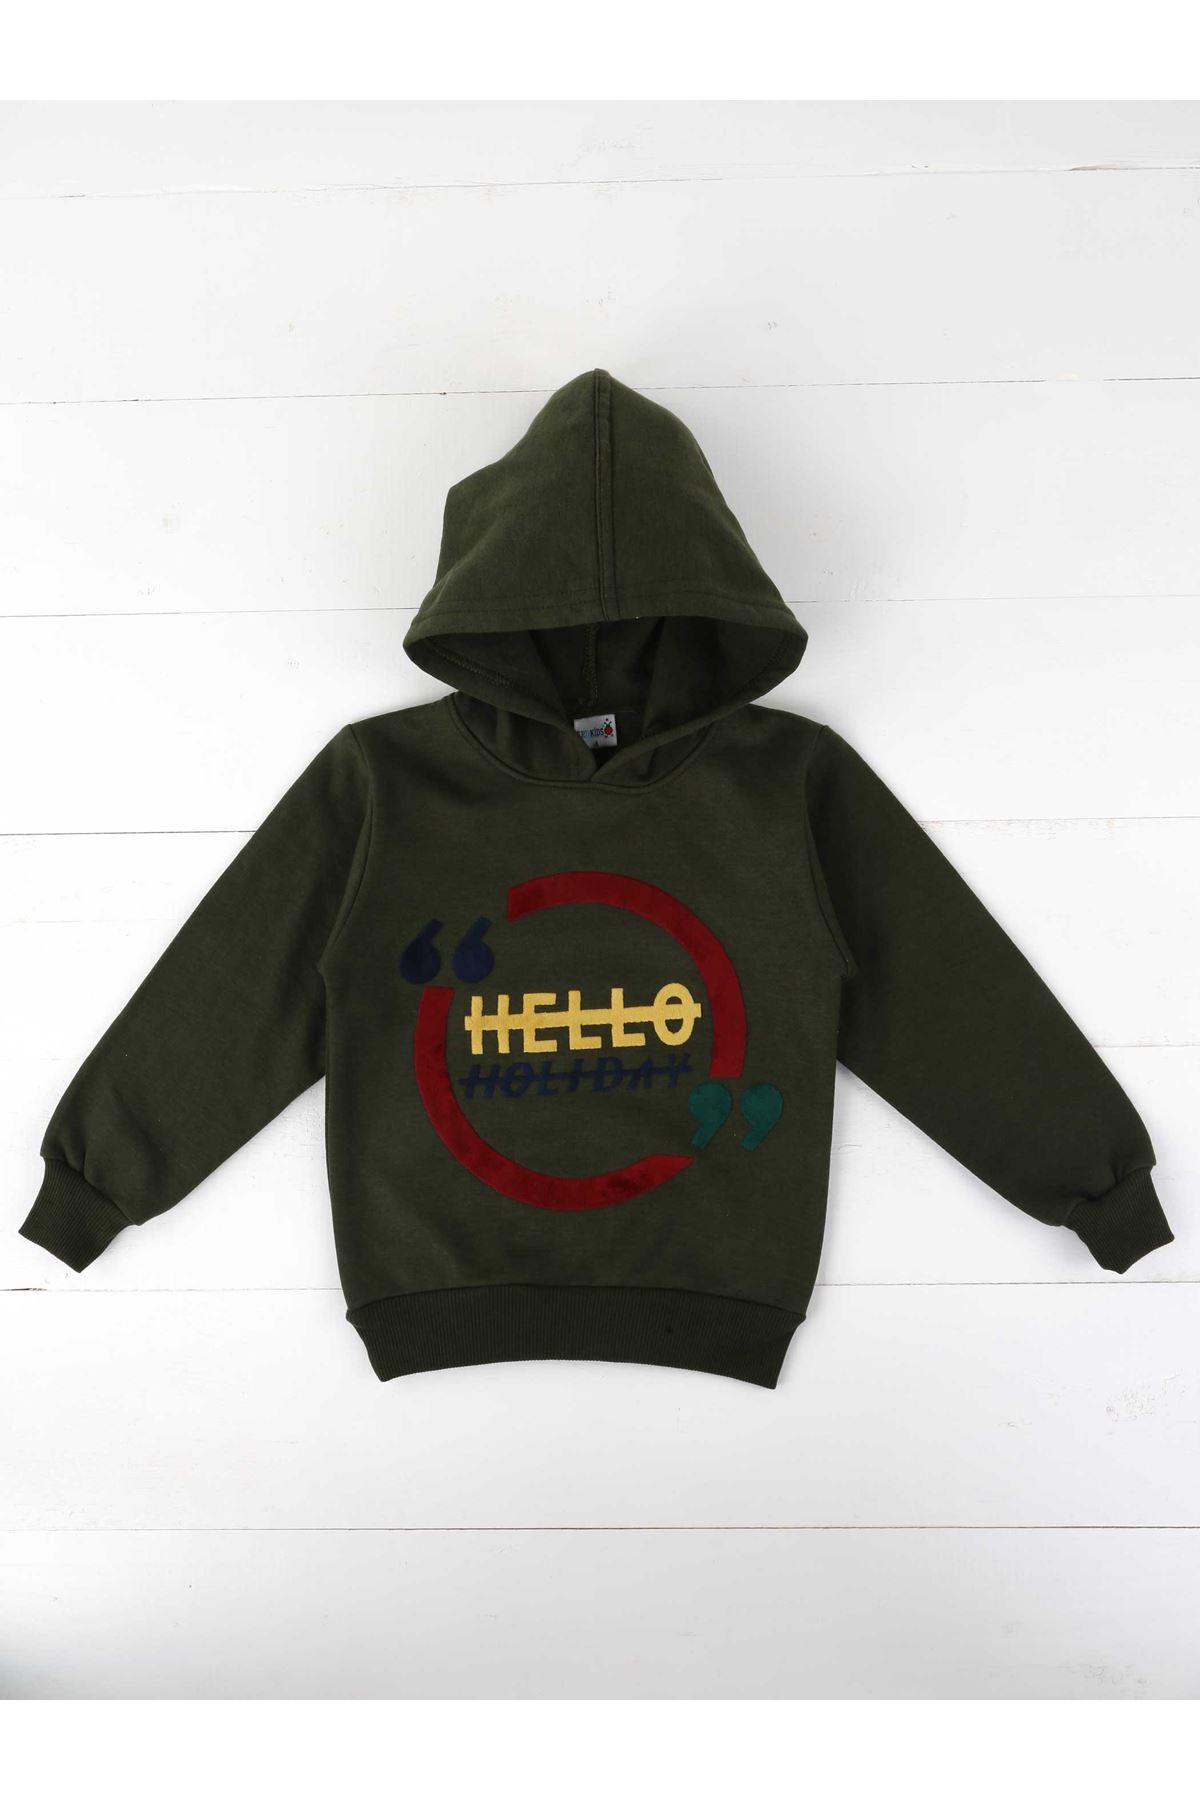 Khaki Seasonal Hooded Male Child Sweatshirt